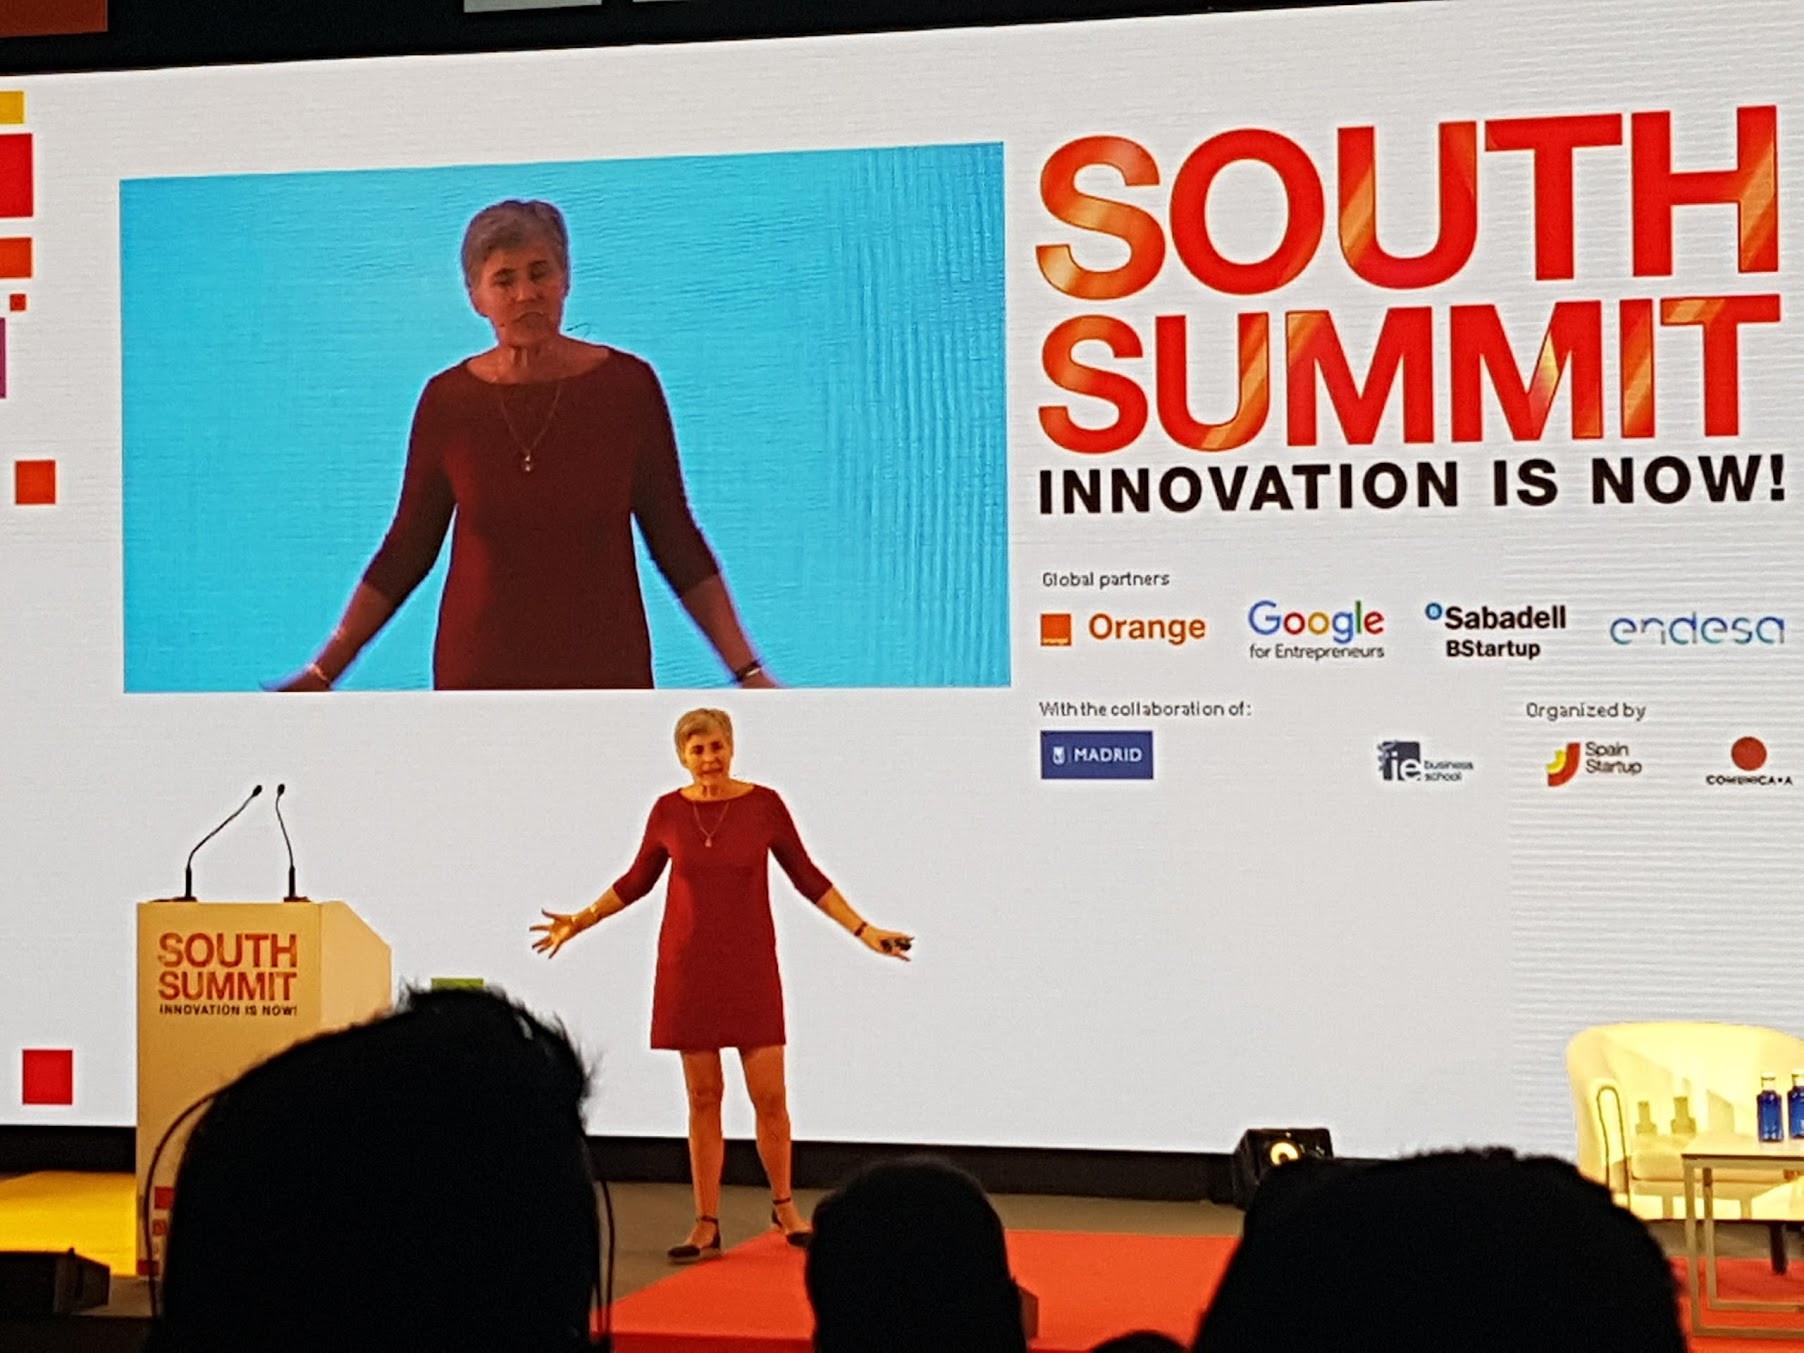 Imagen 2 del evento South Summit 2016 celebrado del 5 al 7 de octubre de 2016 en La Nave, Madrid